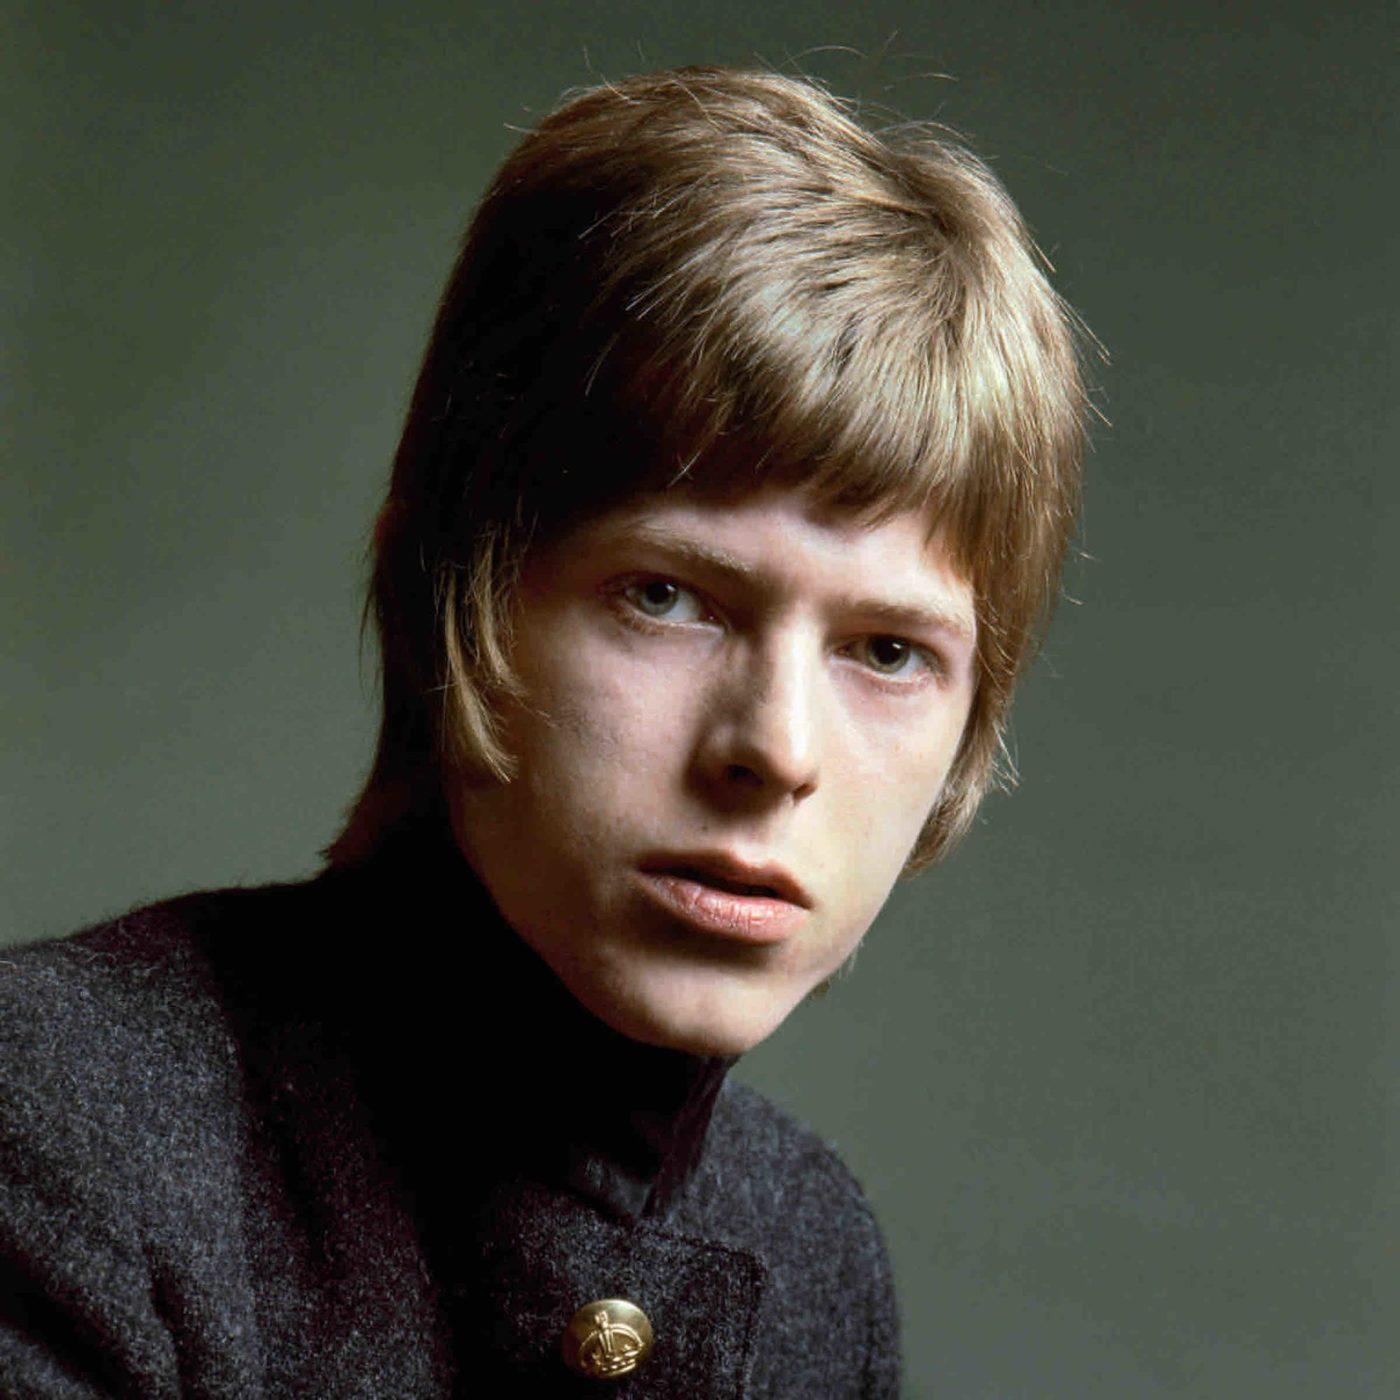 Mężczyzna z dłuższymi blond włosami w ciemnym swetrze